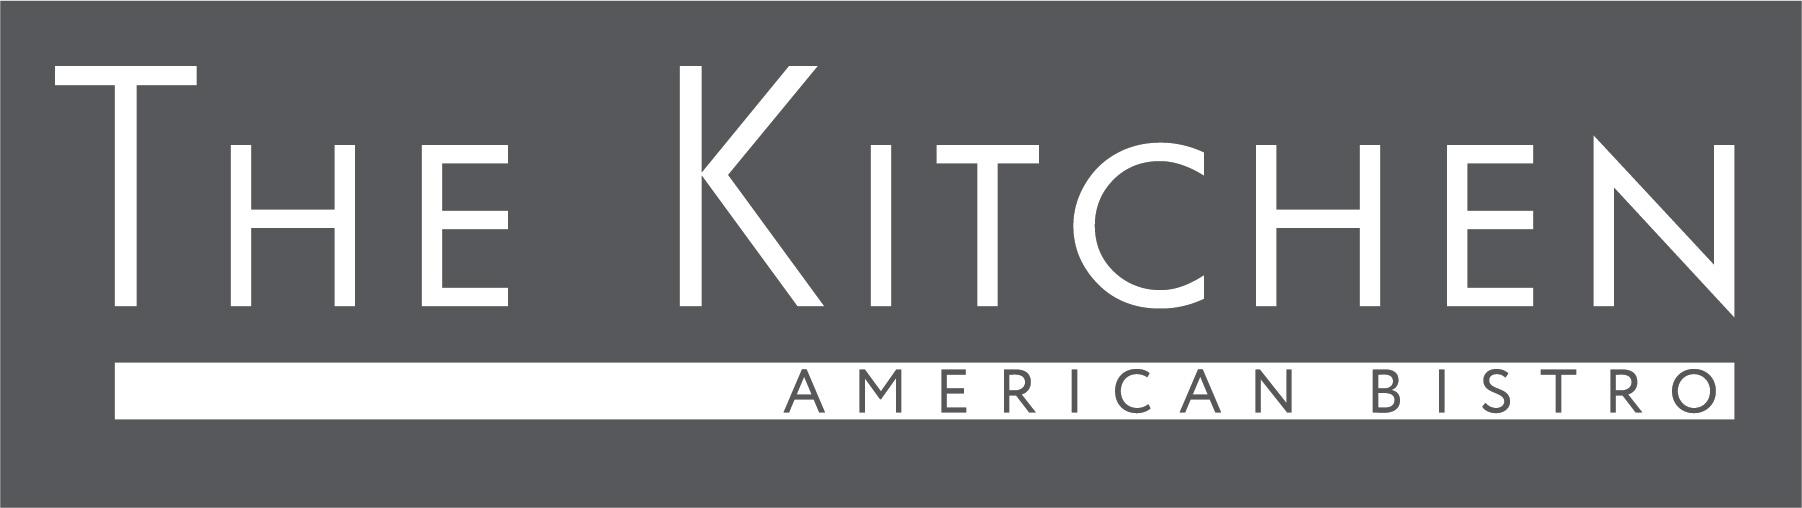 TheKitchen_AmericanBistro_Logo_GRAY_lg.jpg